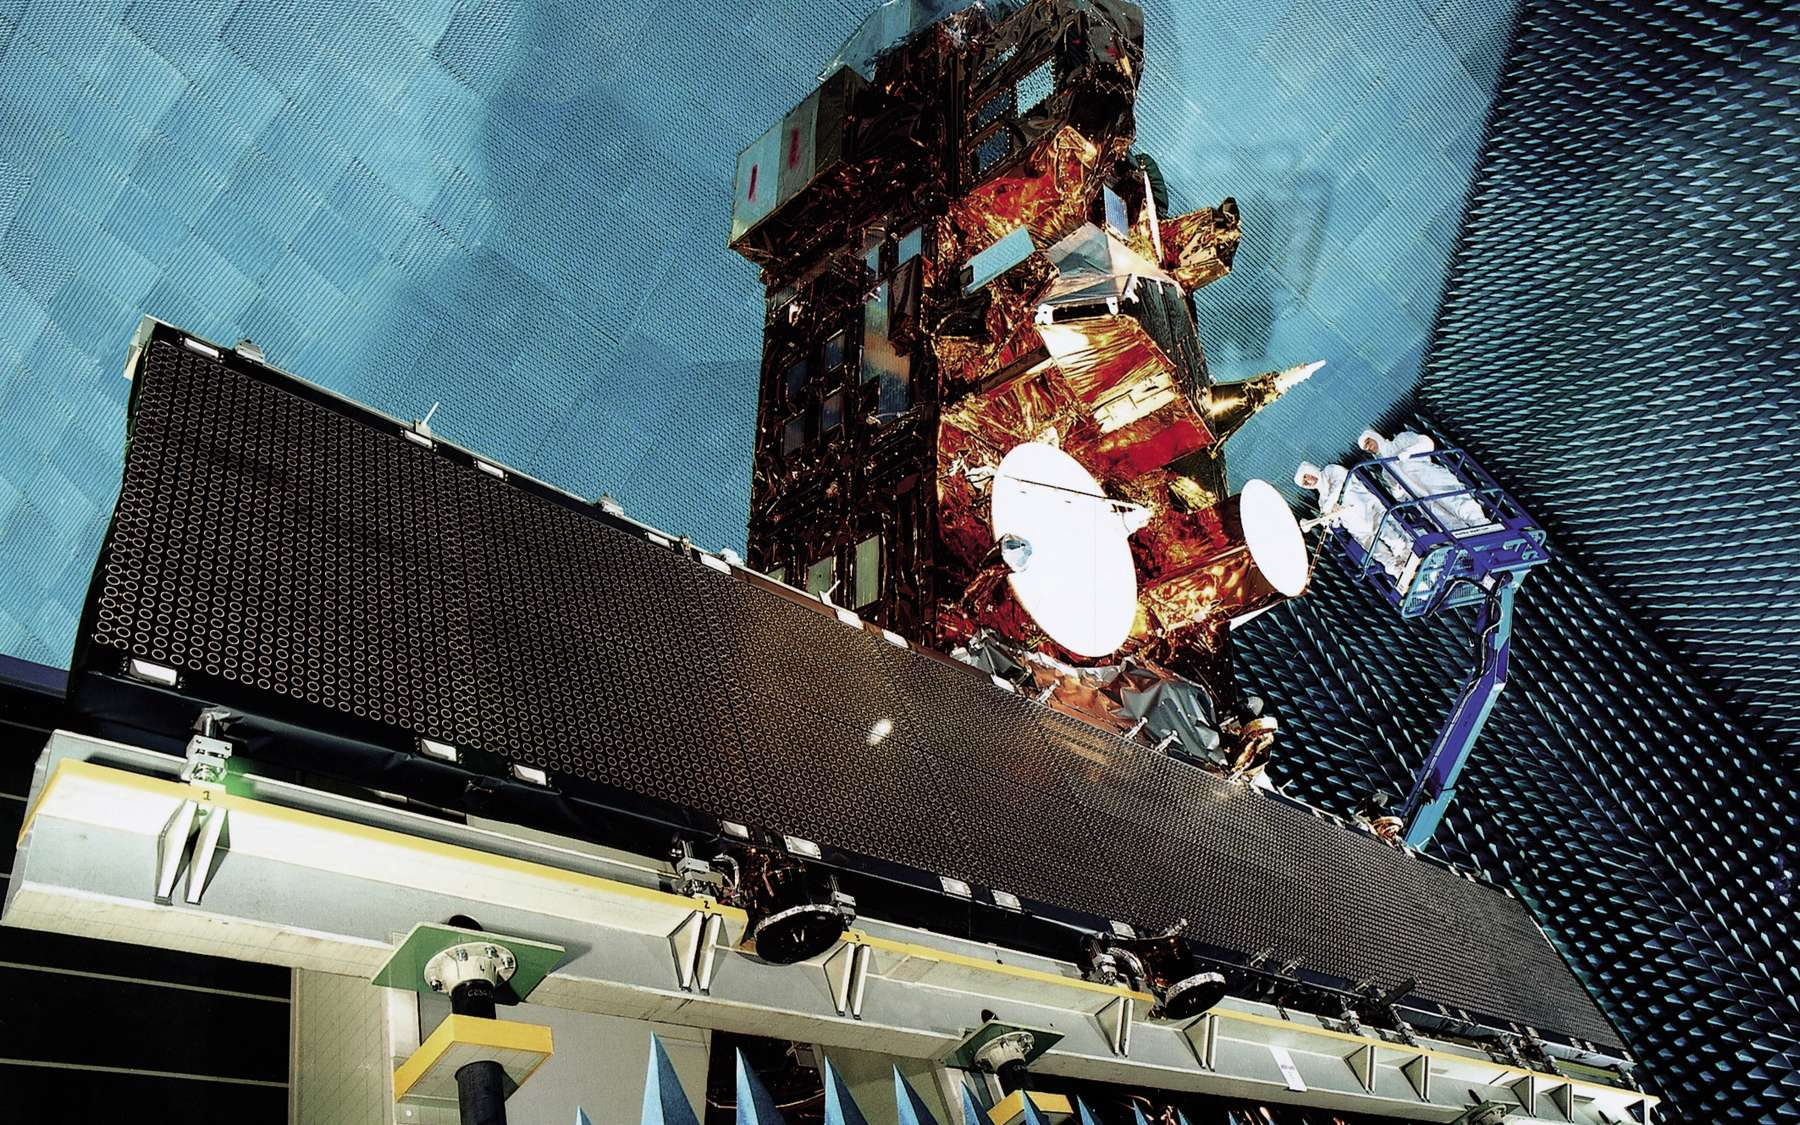 En dix ans, Envisat a contribué à une meilleure connaissance du changement climatique. On le voit ici quelques mois avant son lancement, dans les installations d'essais de l'Esa à l'Estec. © Astrium